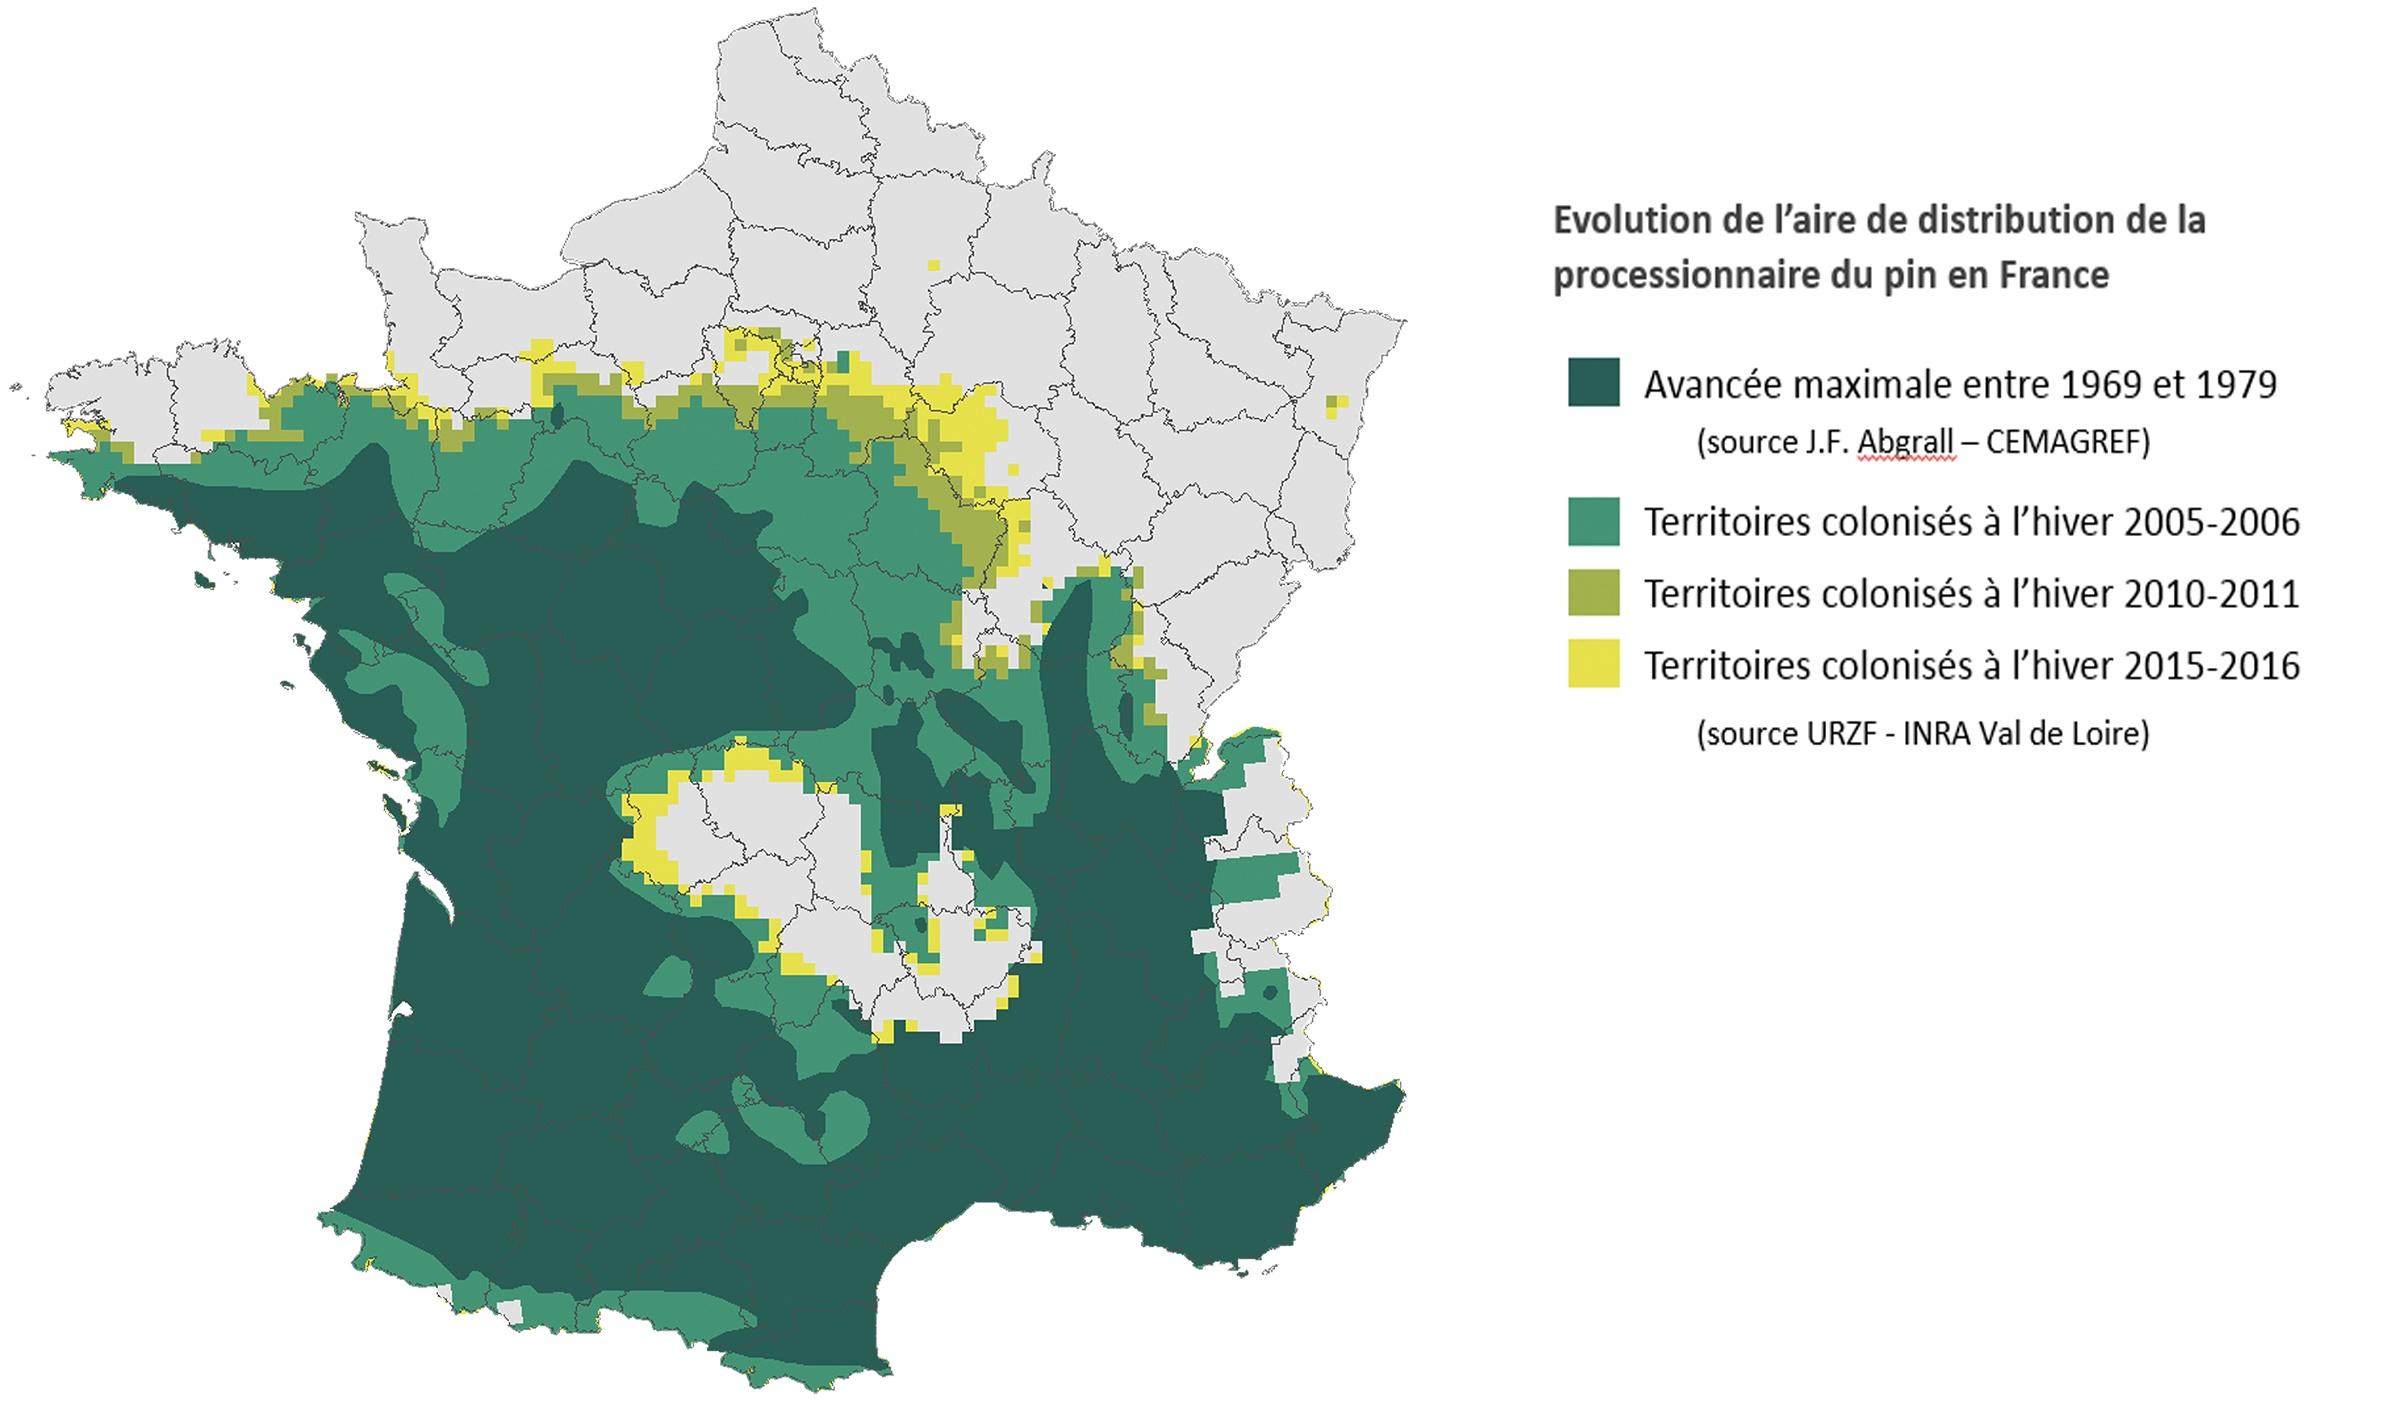 Carte progression de la processionnaire en France